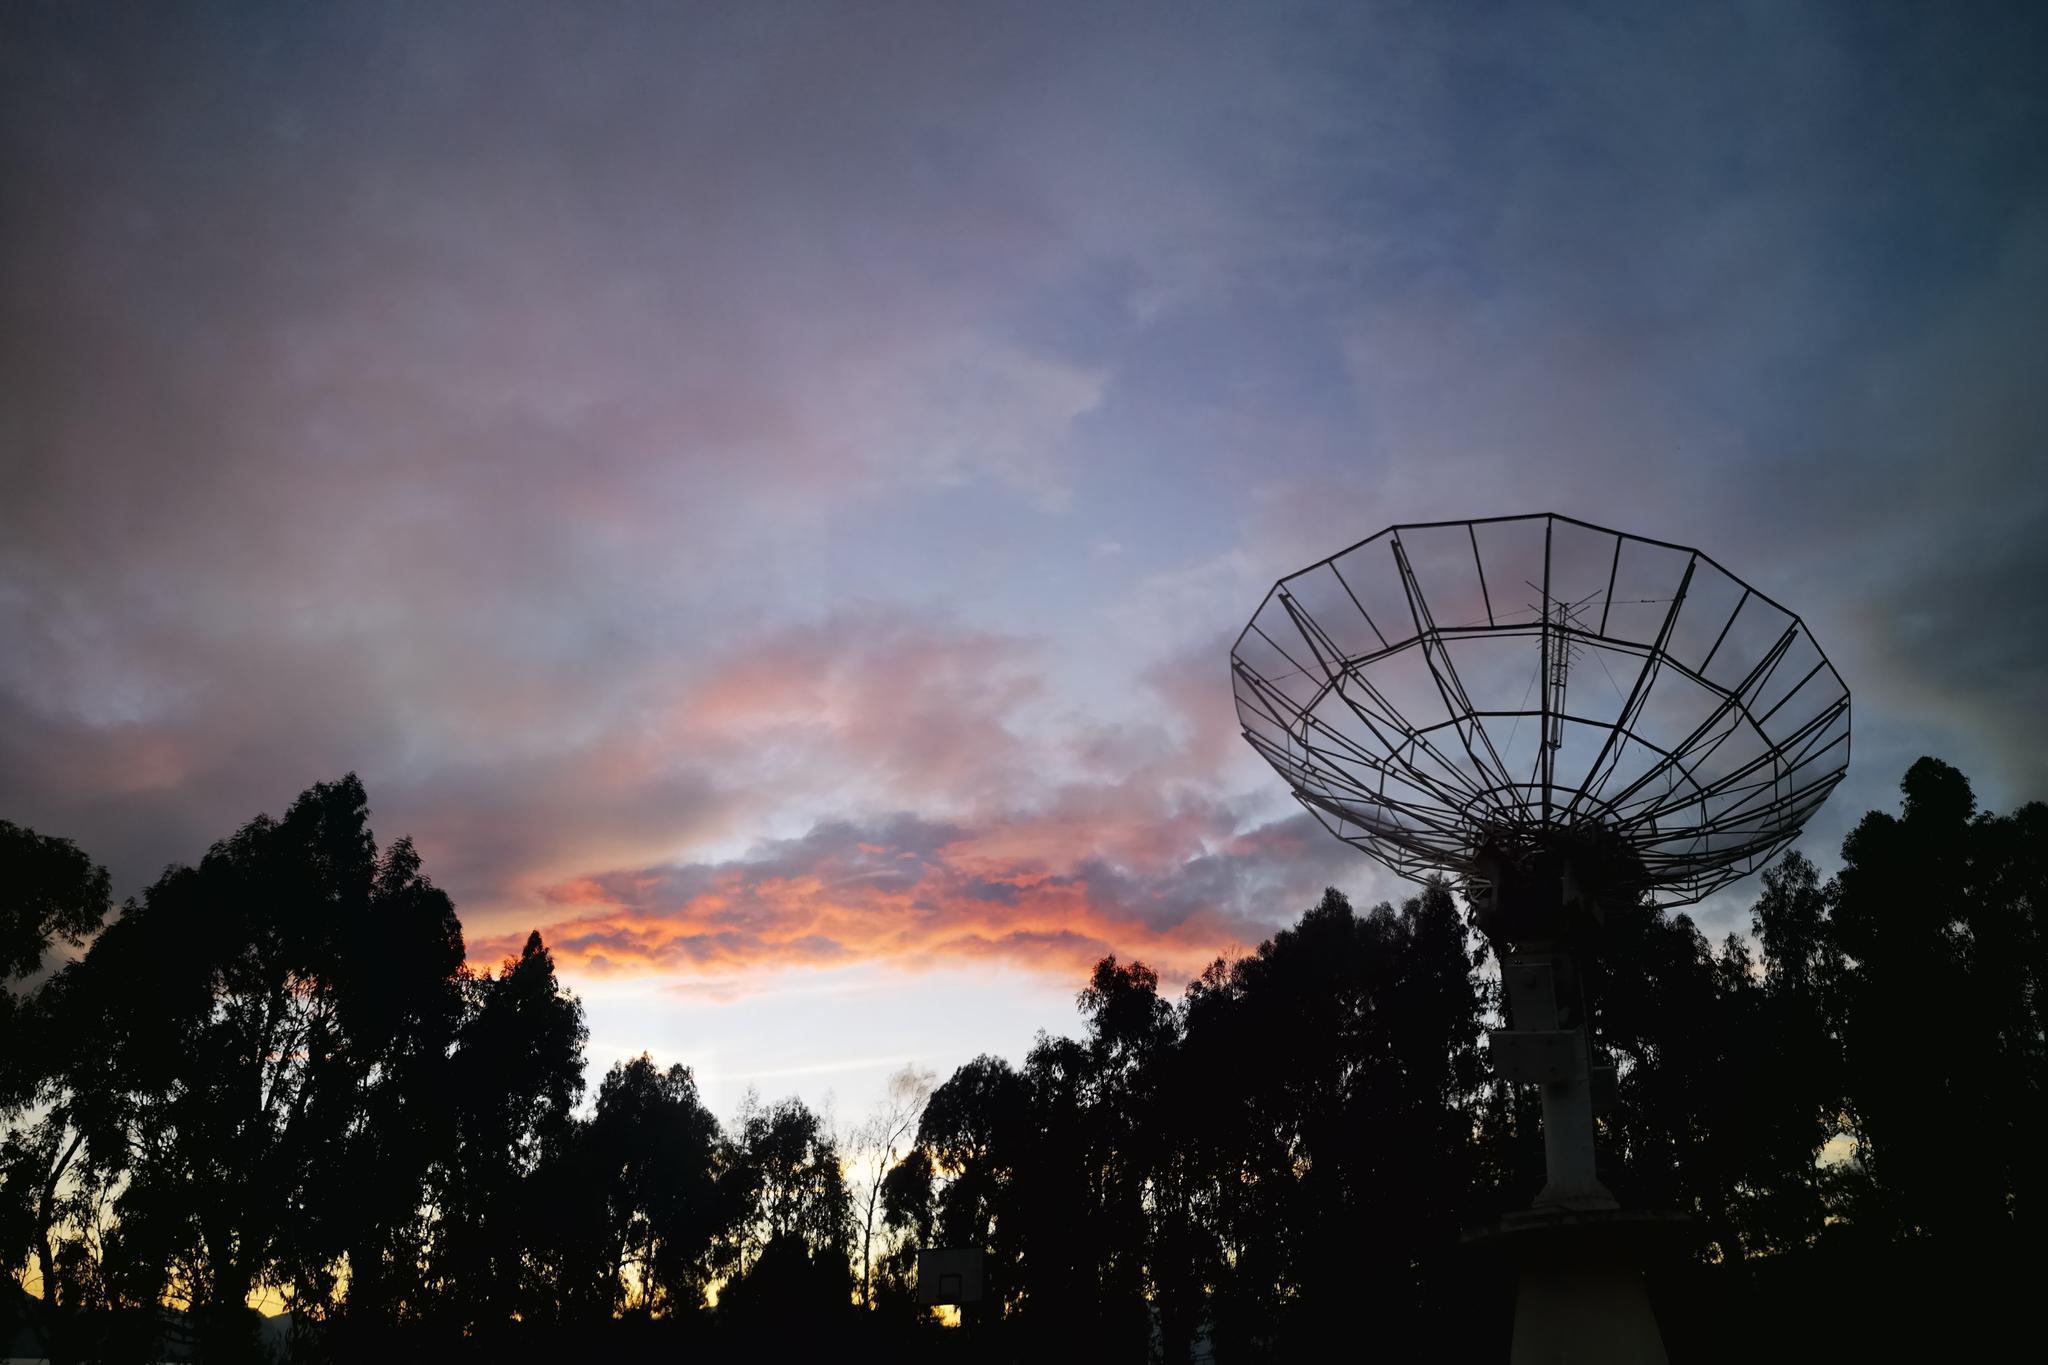 这里是抚仙湖!夕阳西下的霞光,还有彩虹可见!旁边是射电望远镜